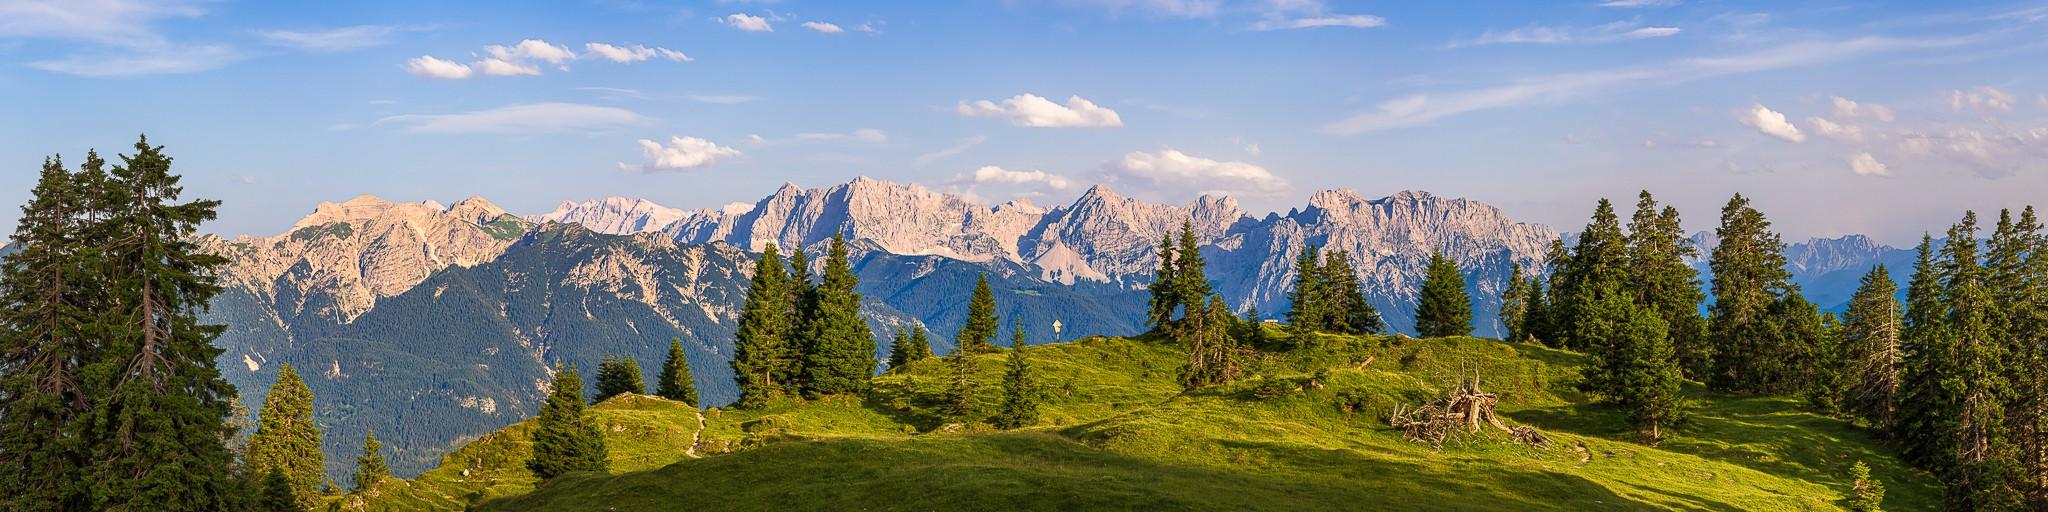 Abendlicht auf der Almwiese (Wallgauer Alm) mit einzeln stehenden Bäumen. Blick auf das Soierngebirge mit Soiernspitze, Schöttelkarspitze, Seinskopf,Signalkopf und Lausberg.